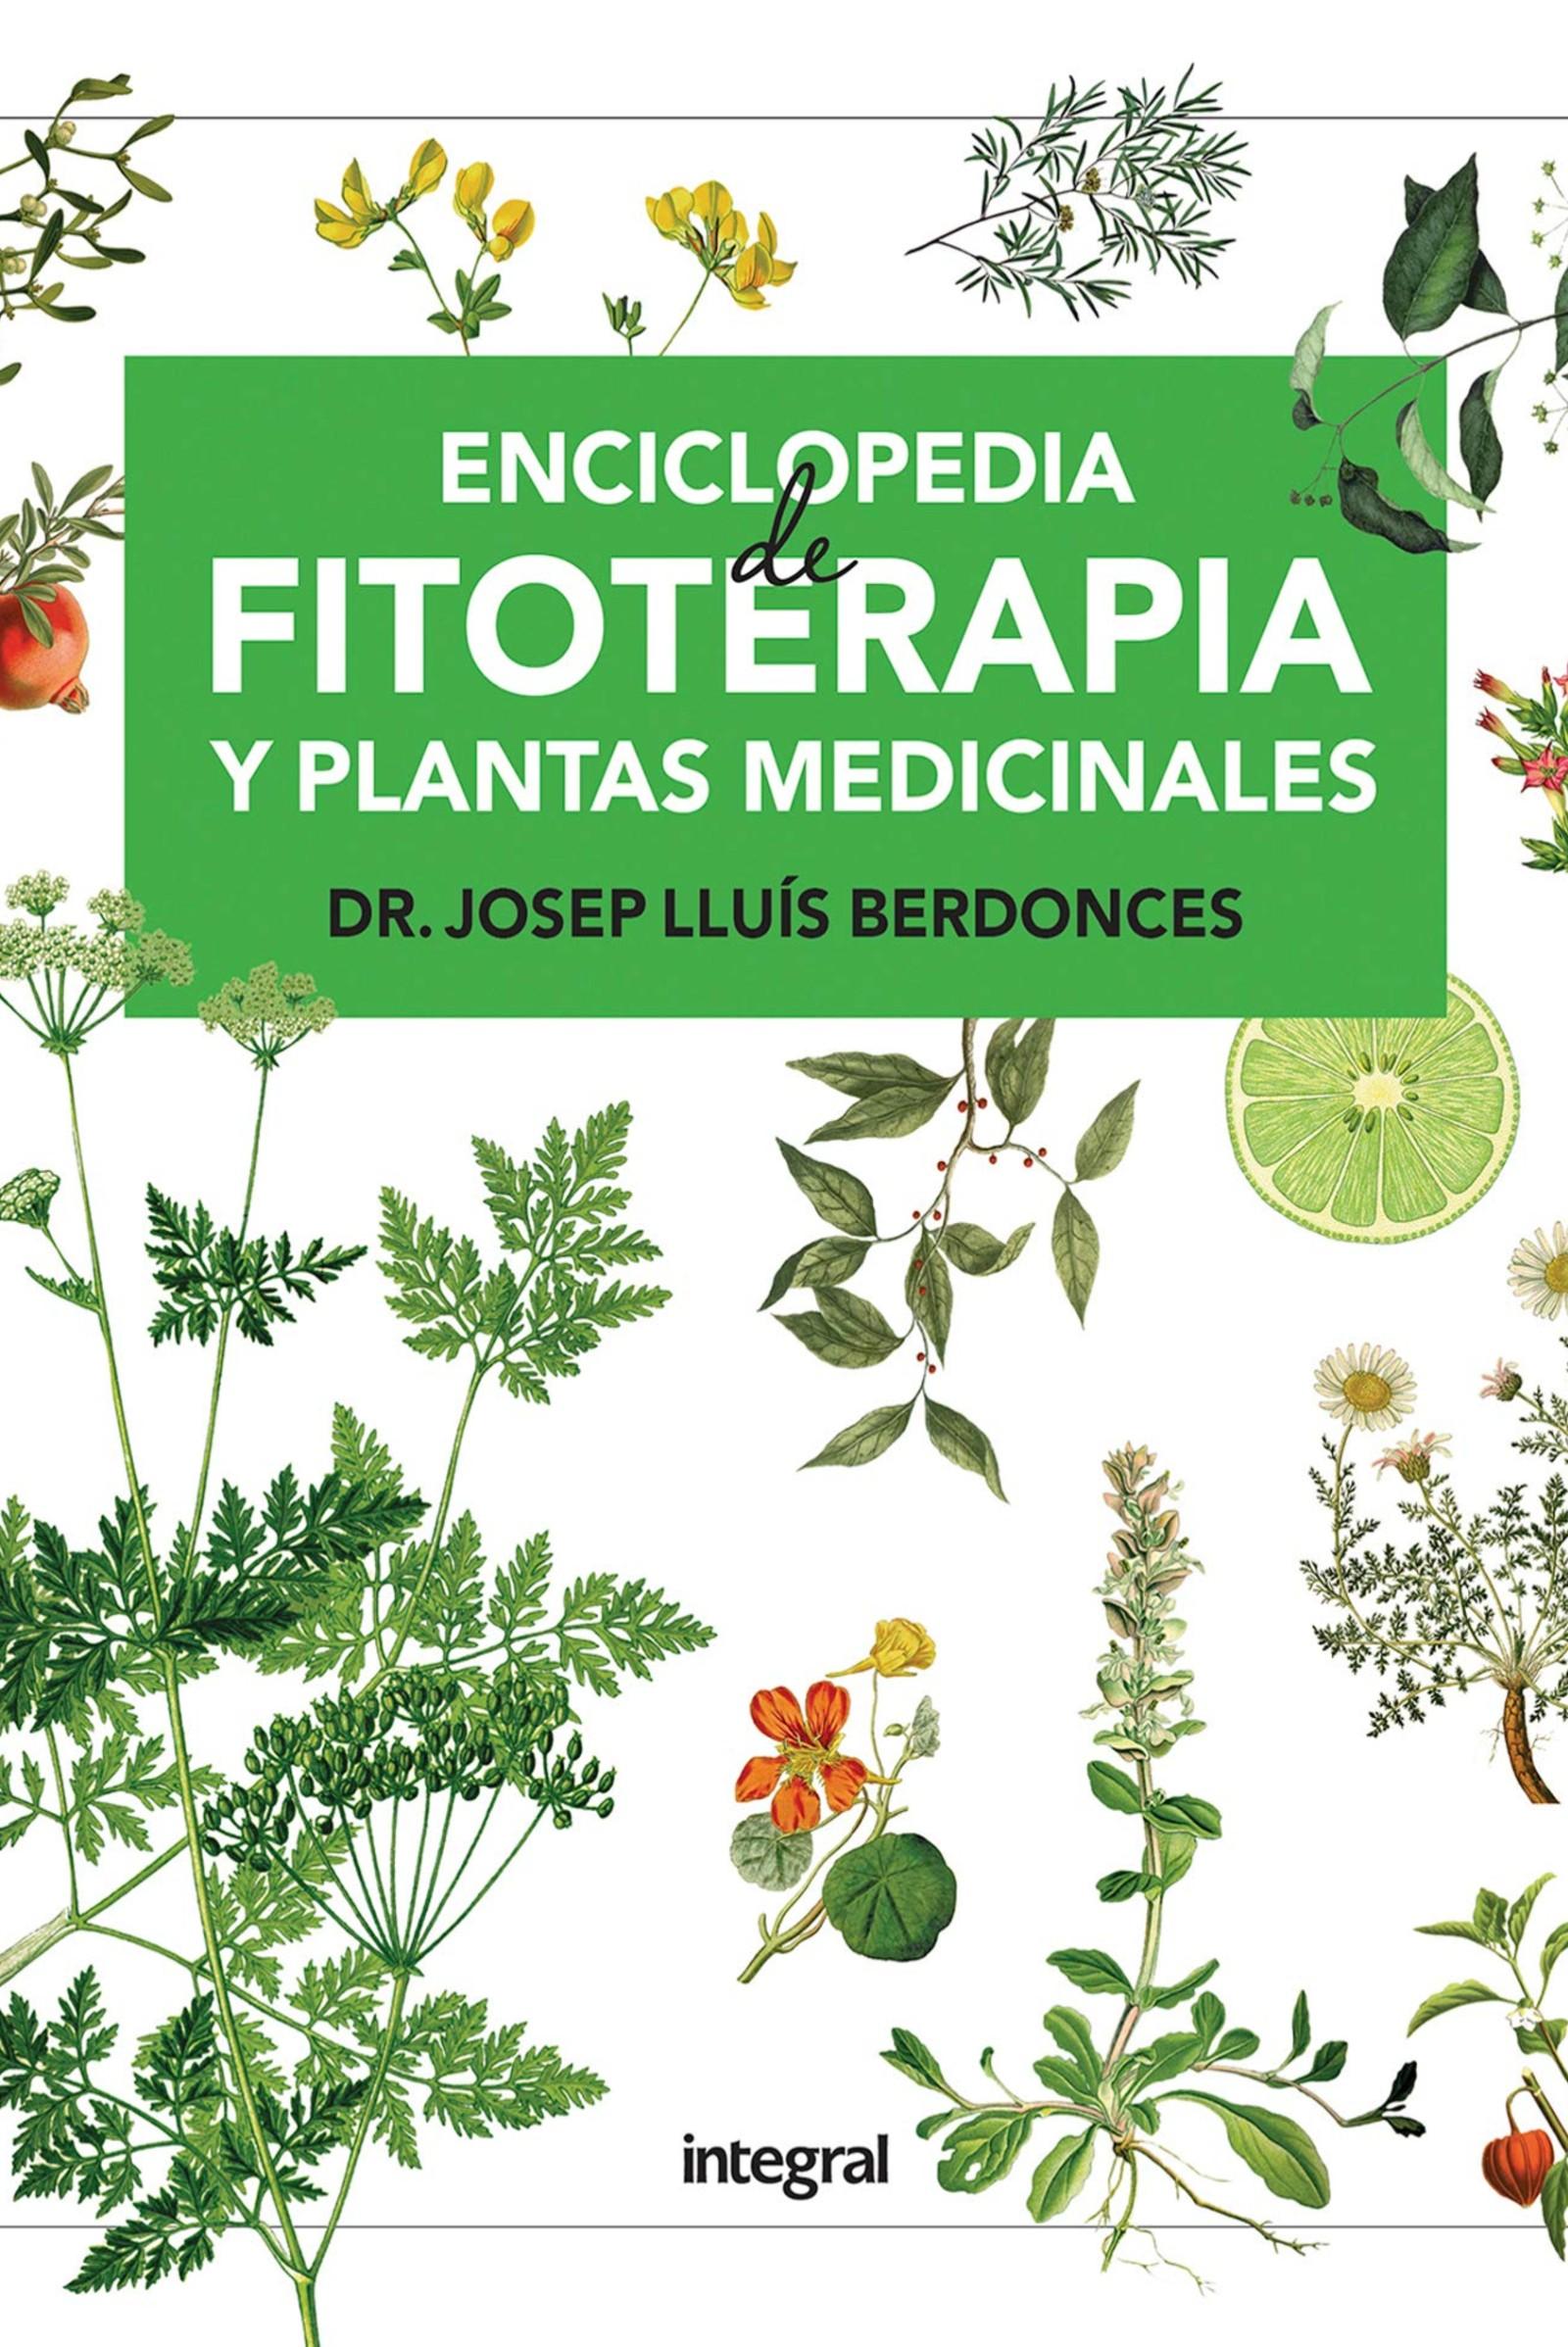 Enciclopedia de fitoterapia y plantas medicinales (RBA)